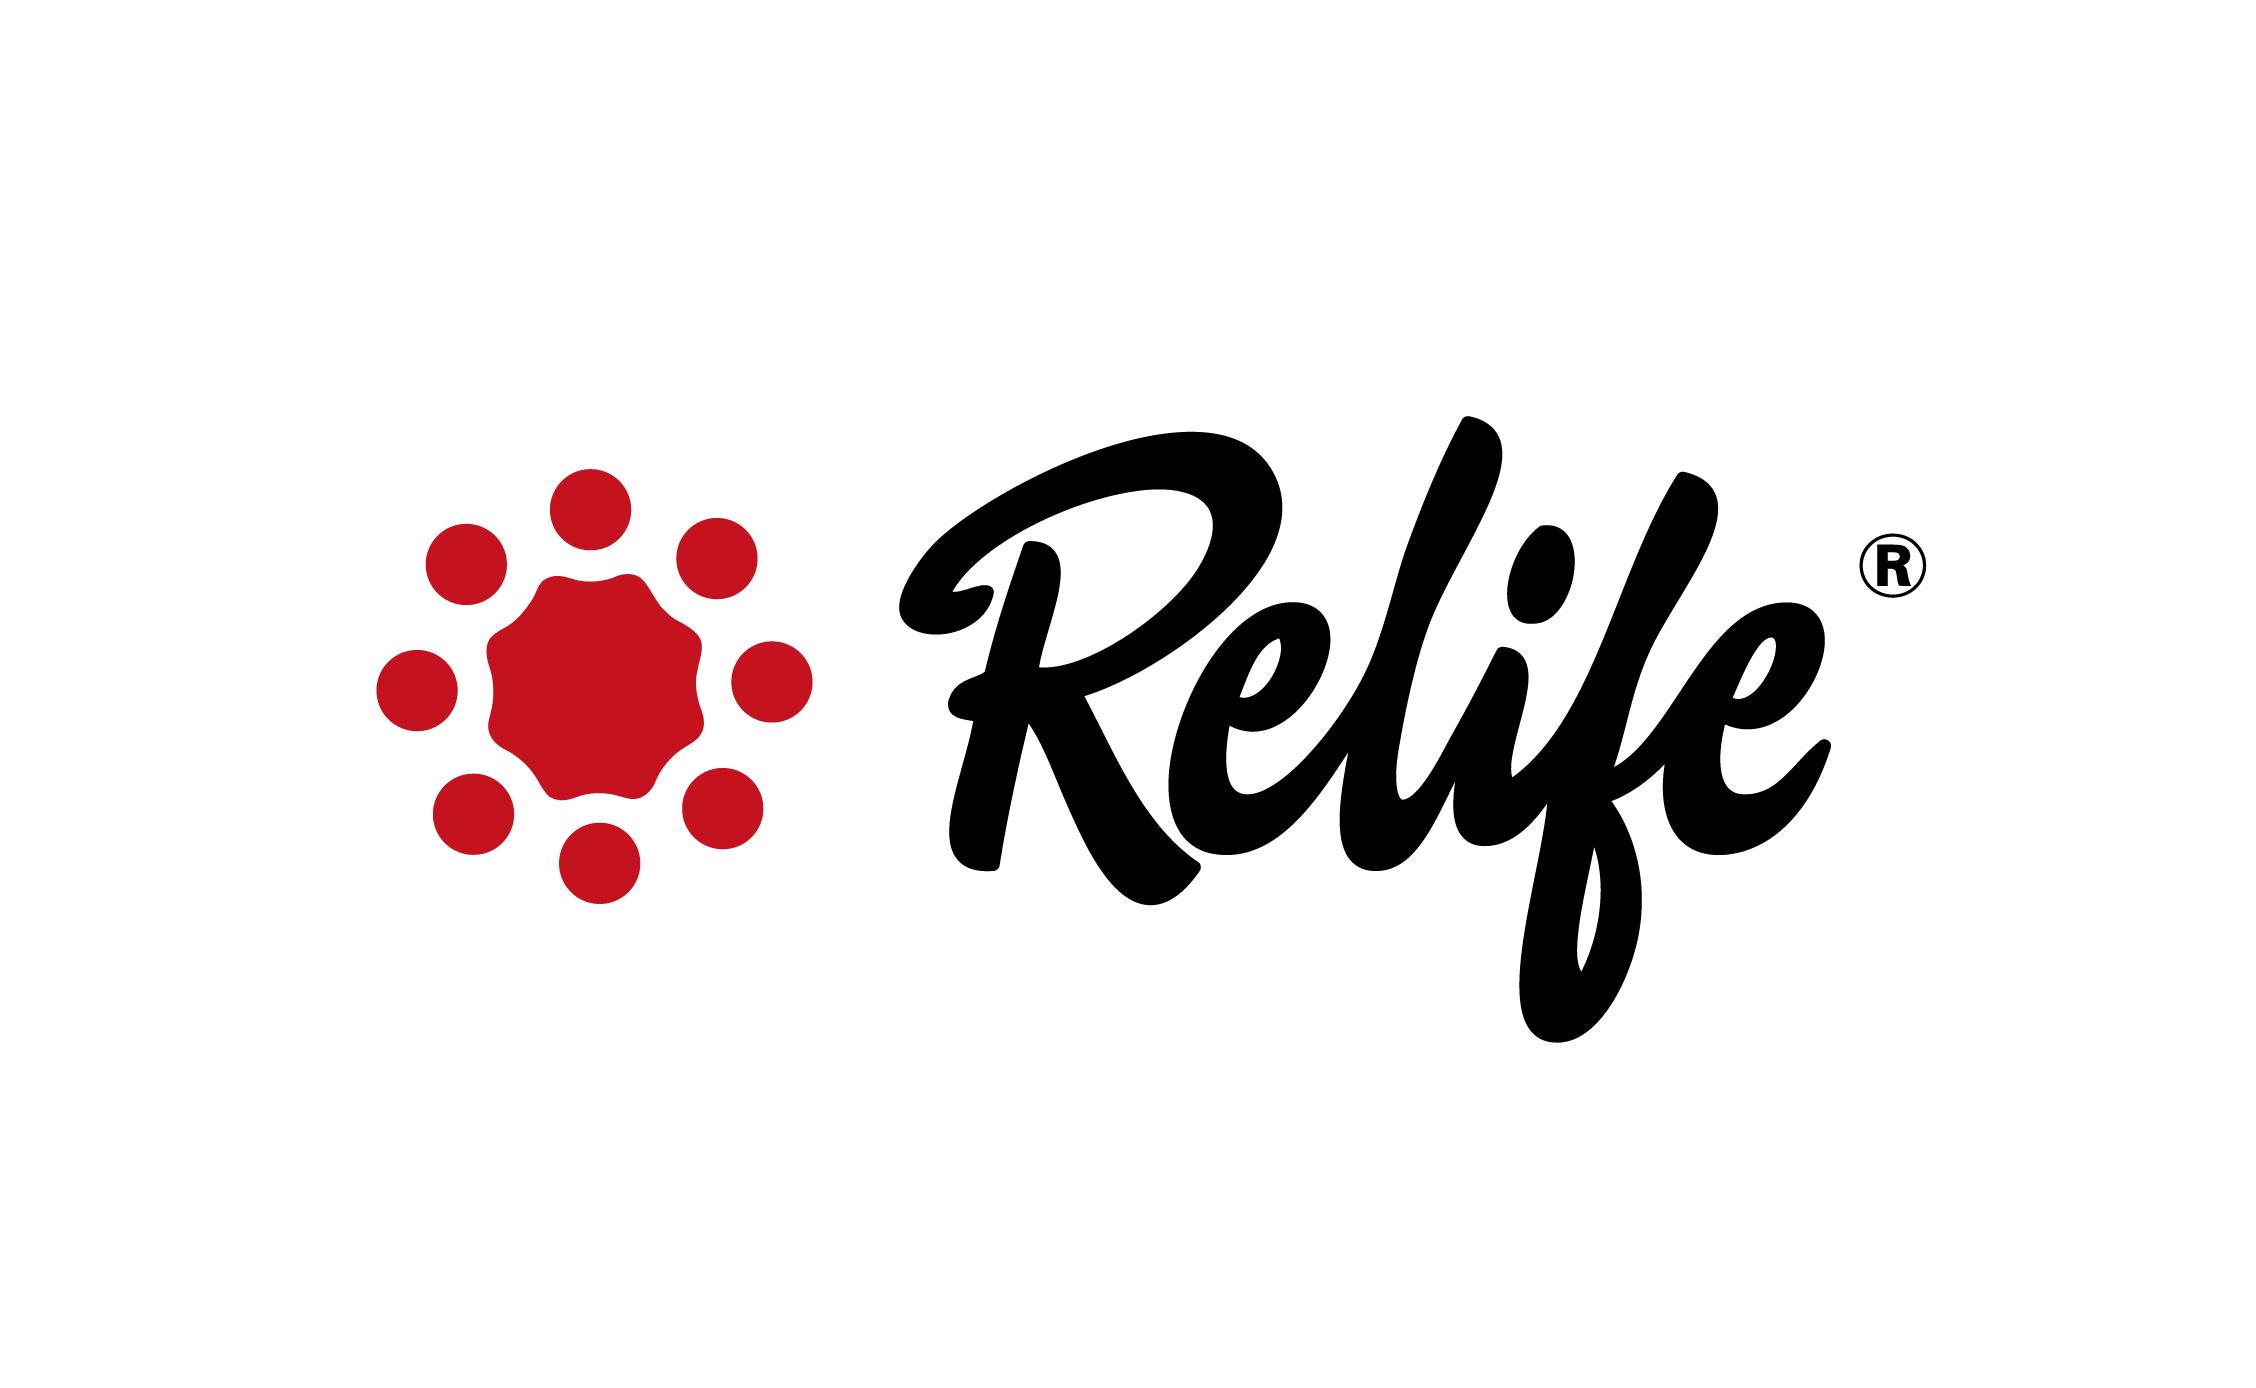 Reflex Shoes Image